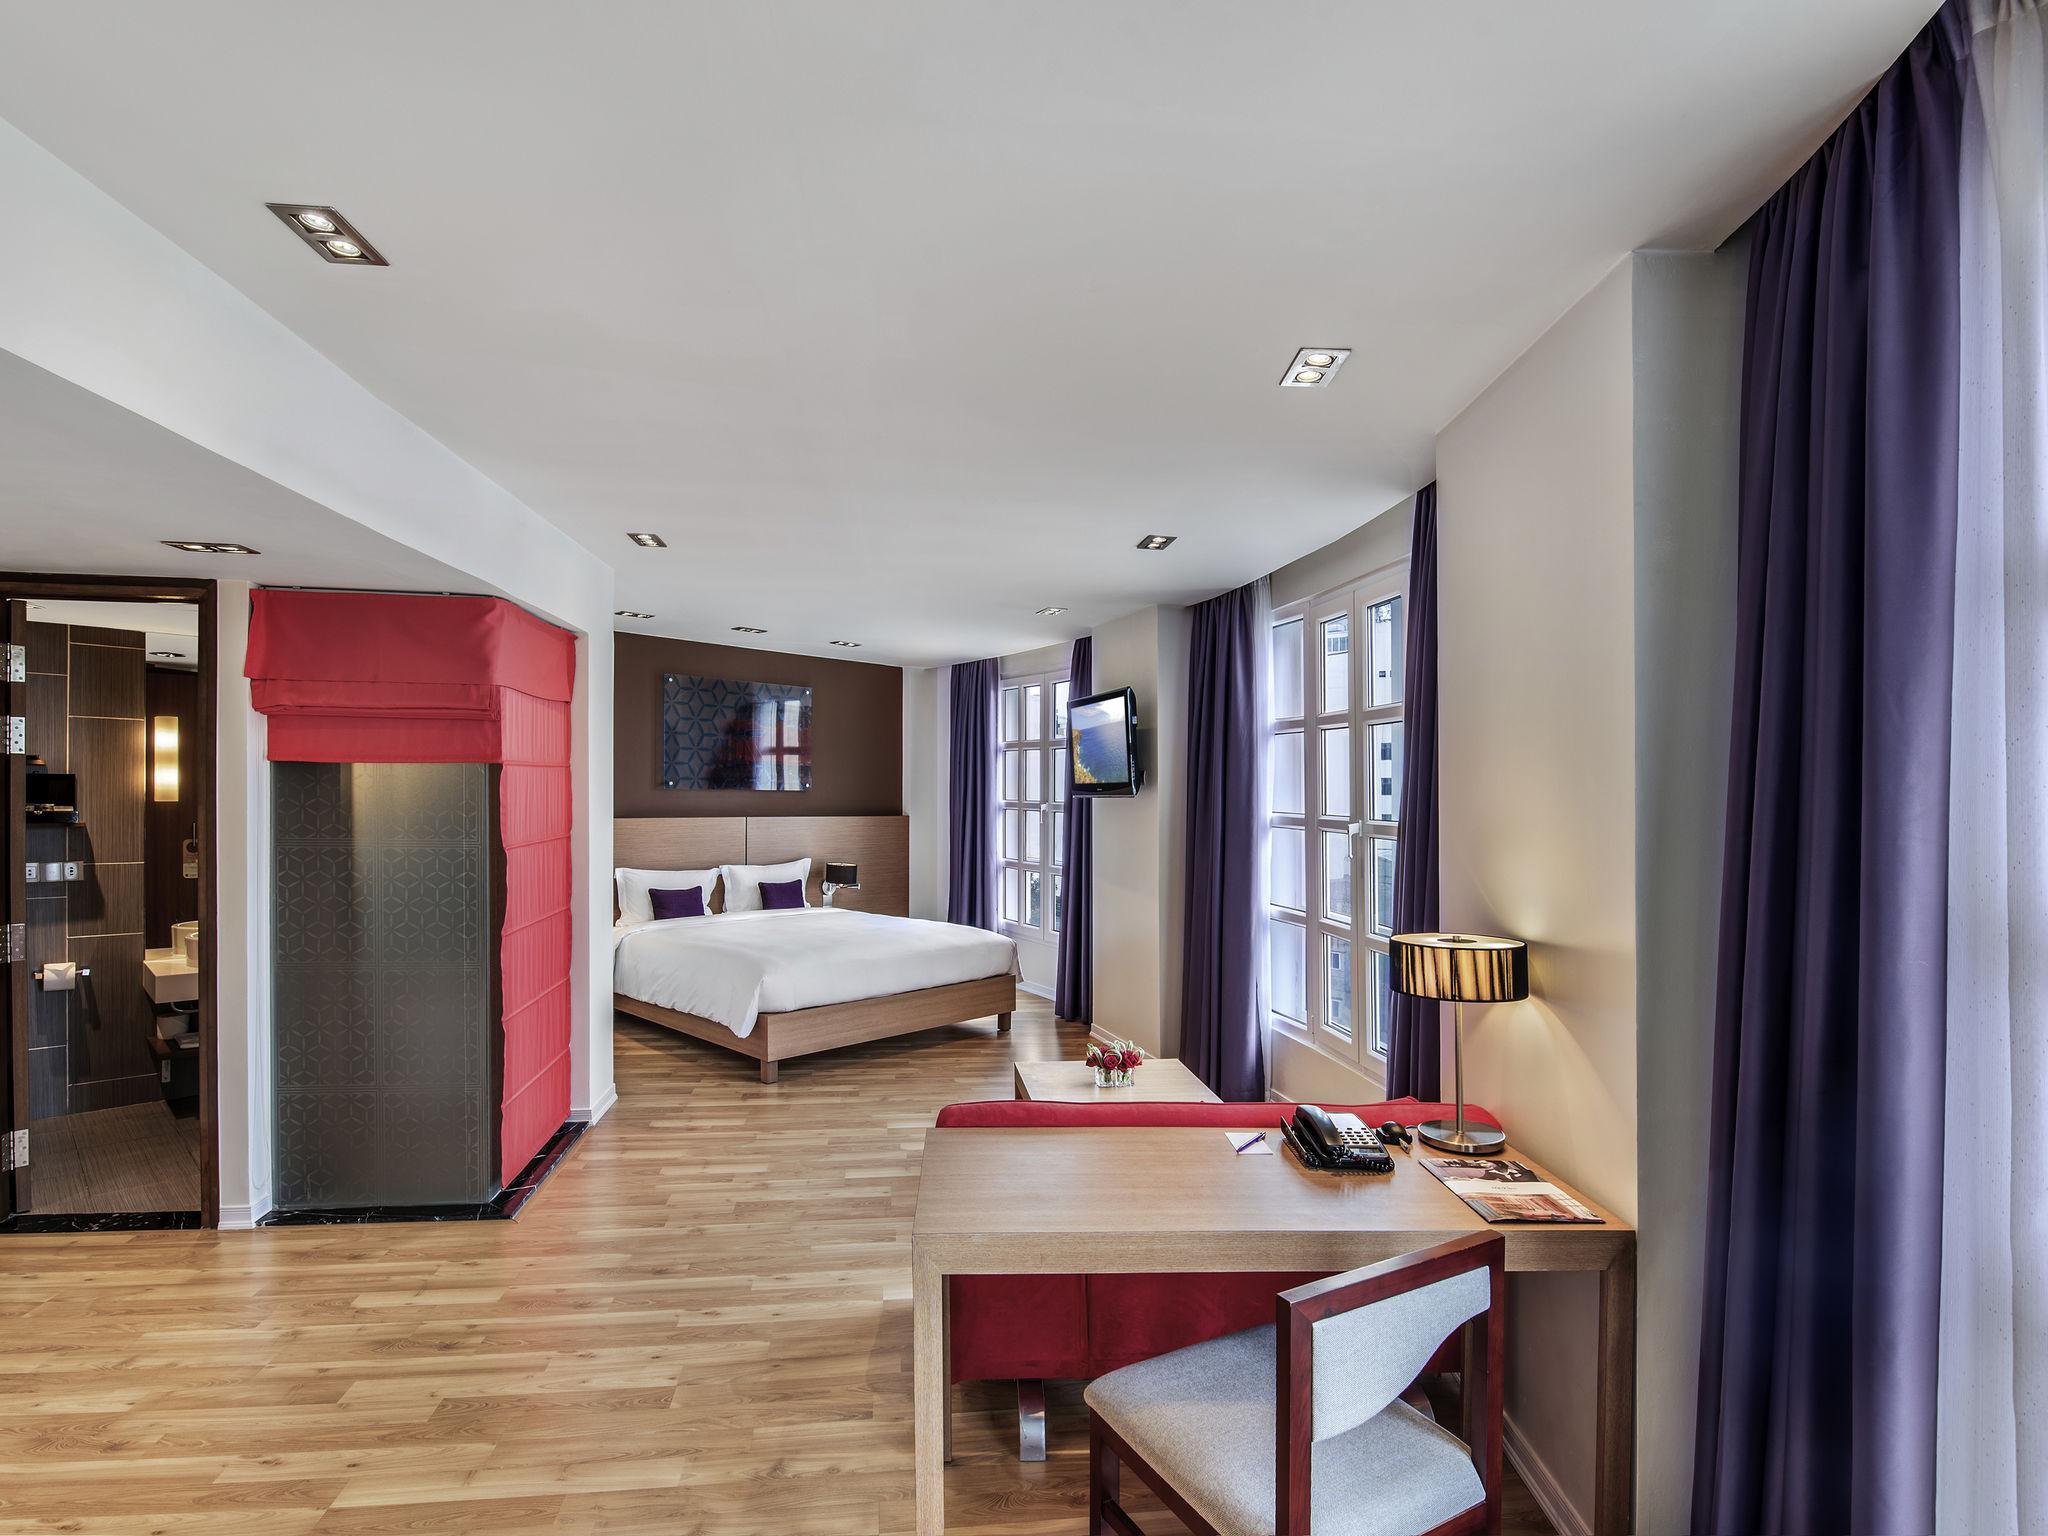 โรงแรม – เมอร์เคียว ฮานอย ลา การ์